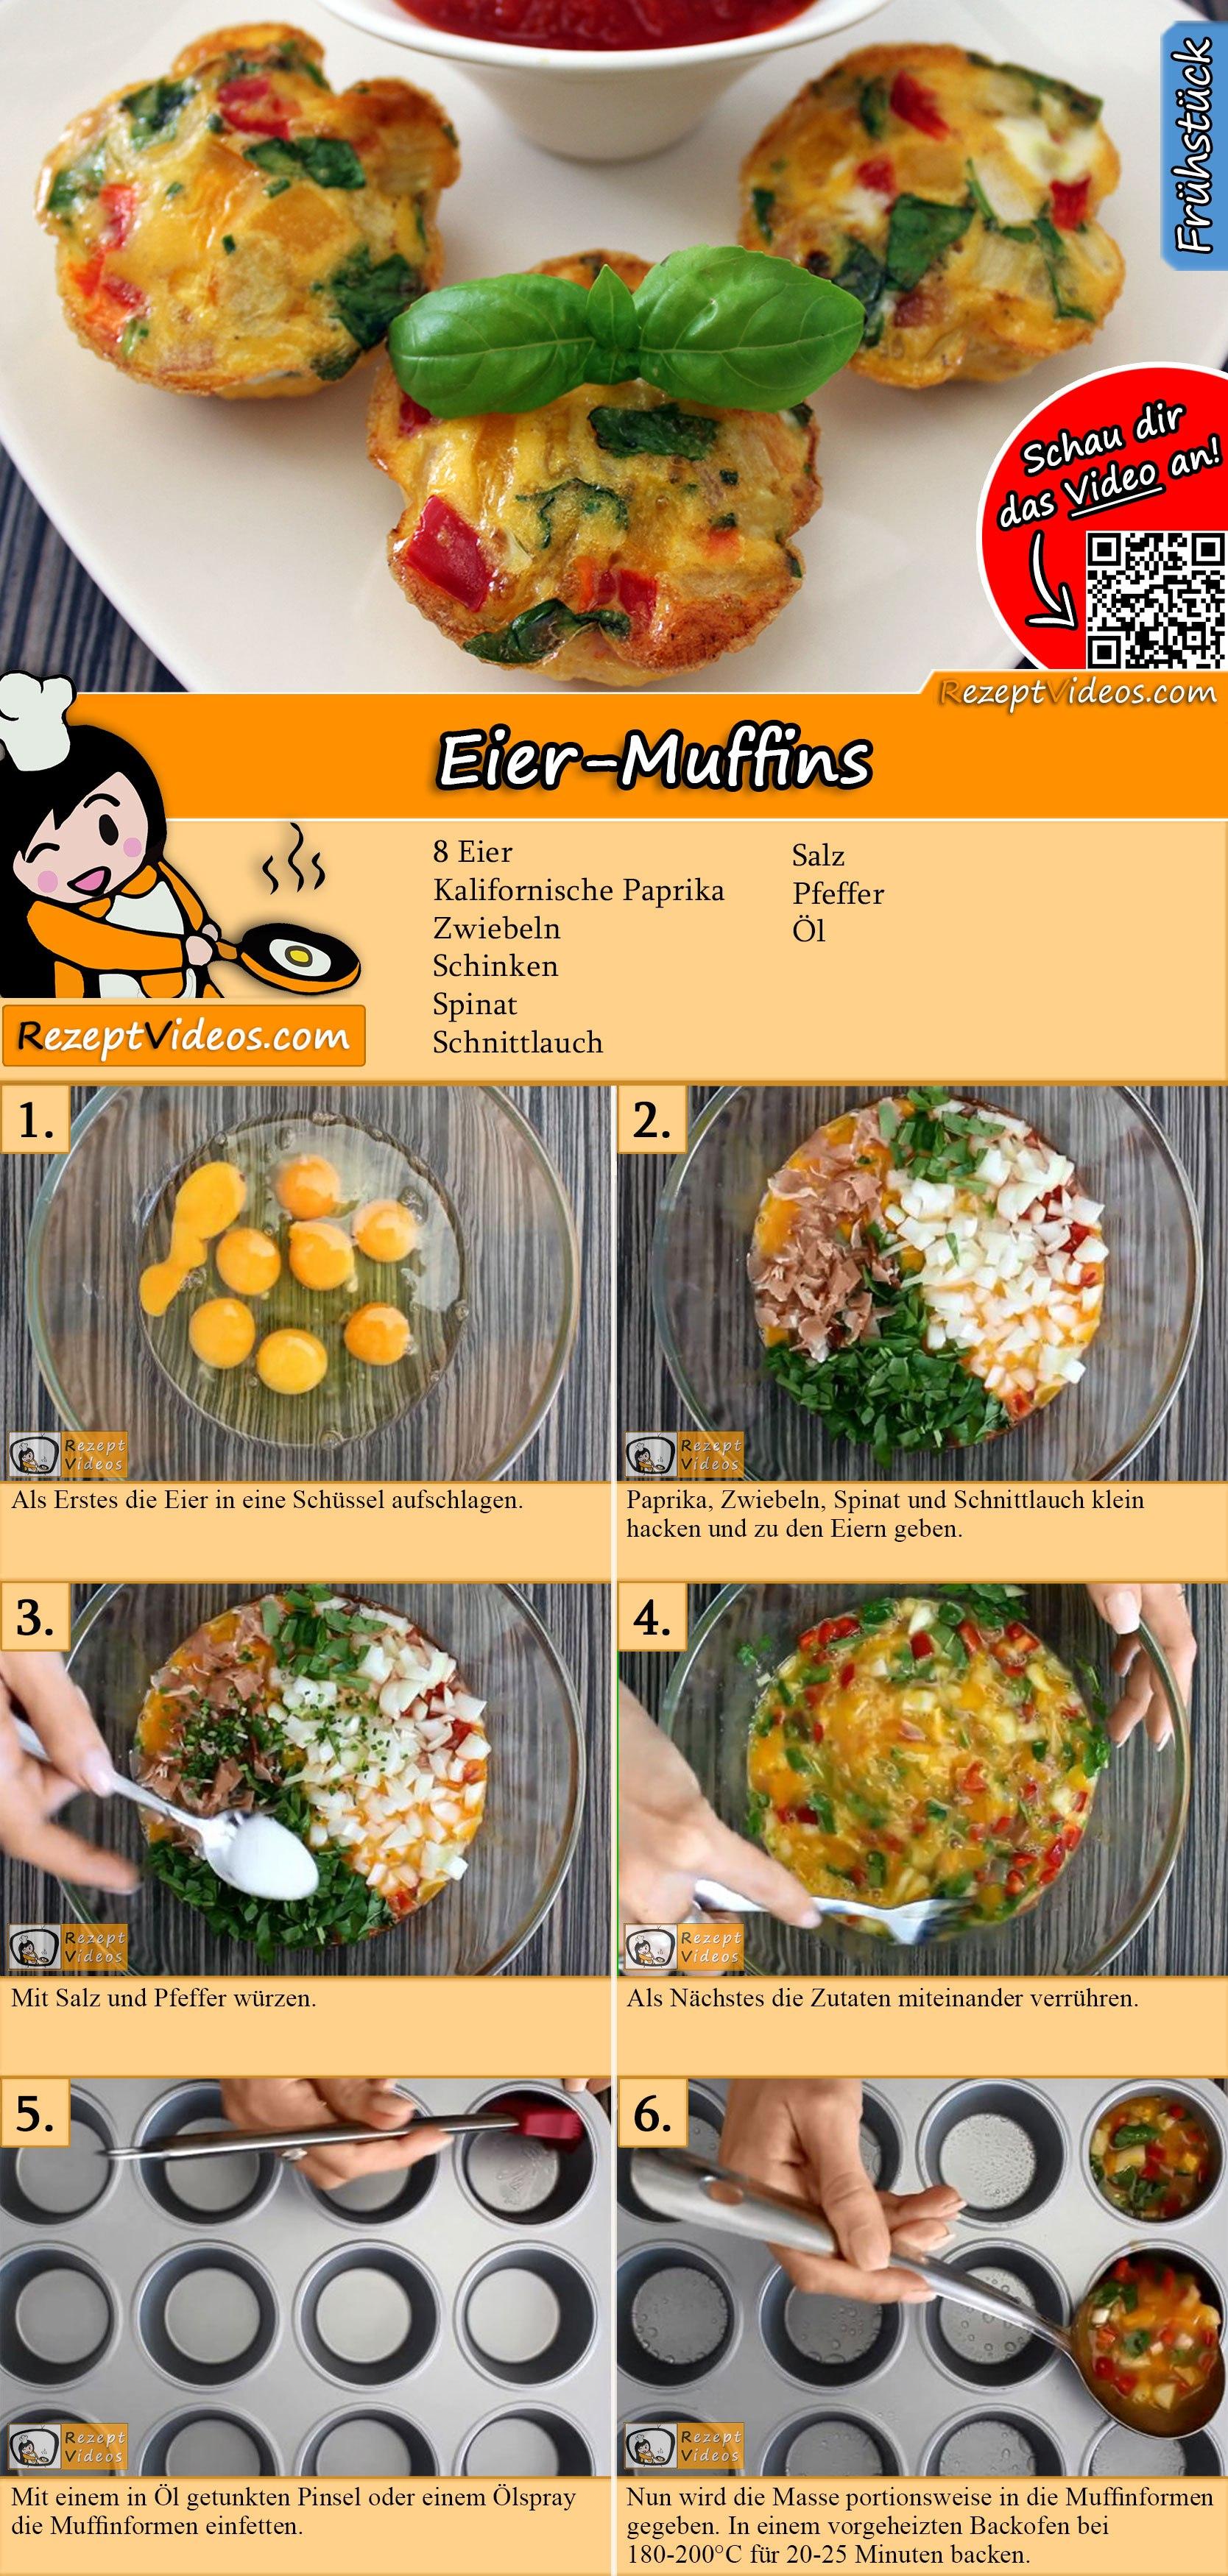 Eier-Muffins Rezept mit Video